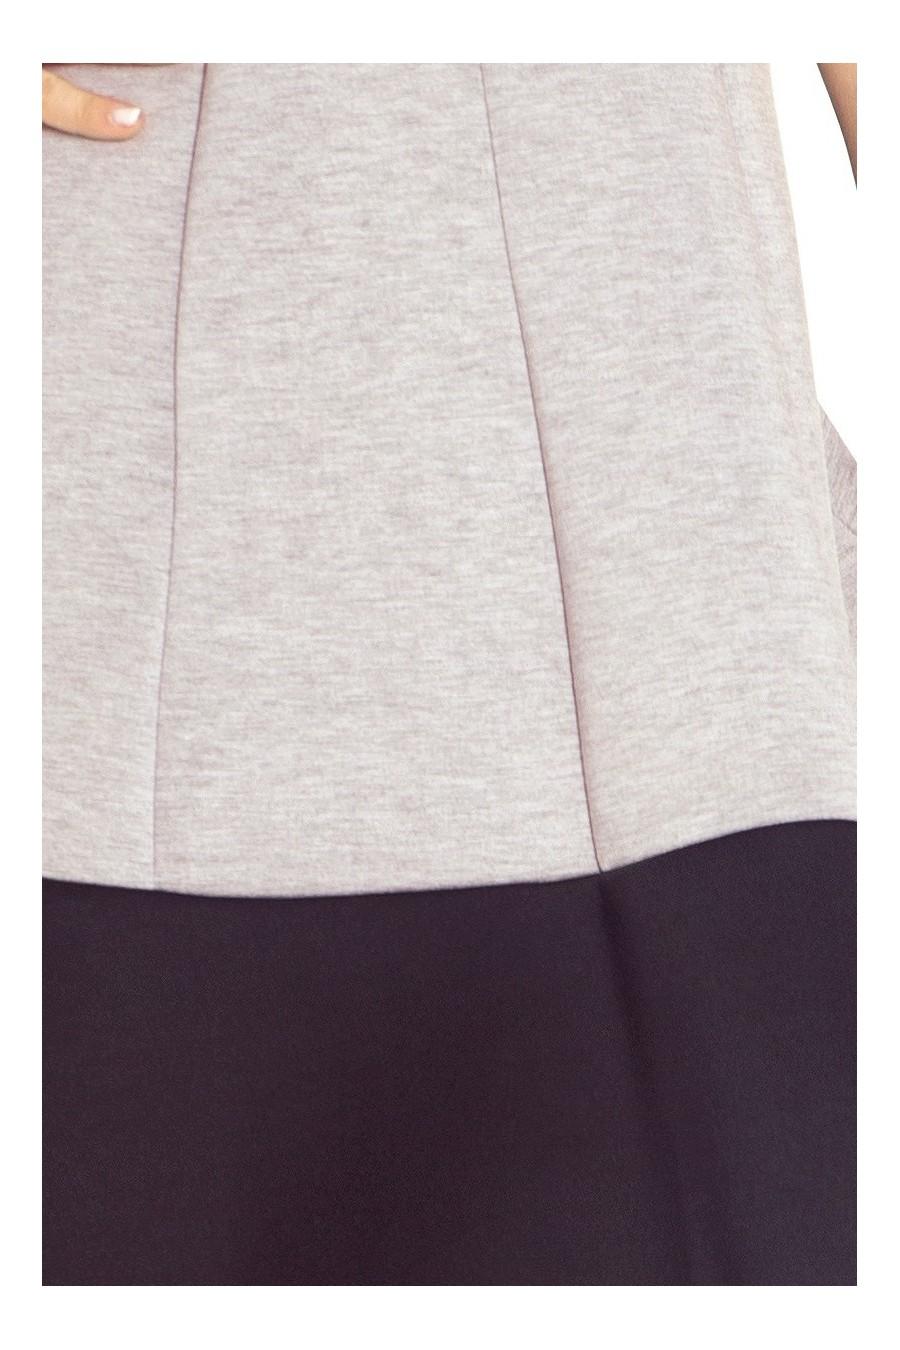 Šaty s černým pruhem na dně - pěna - světle šedý melír + černá 85-2